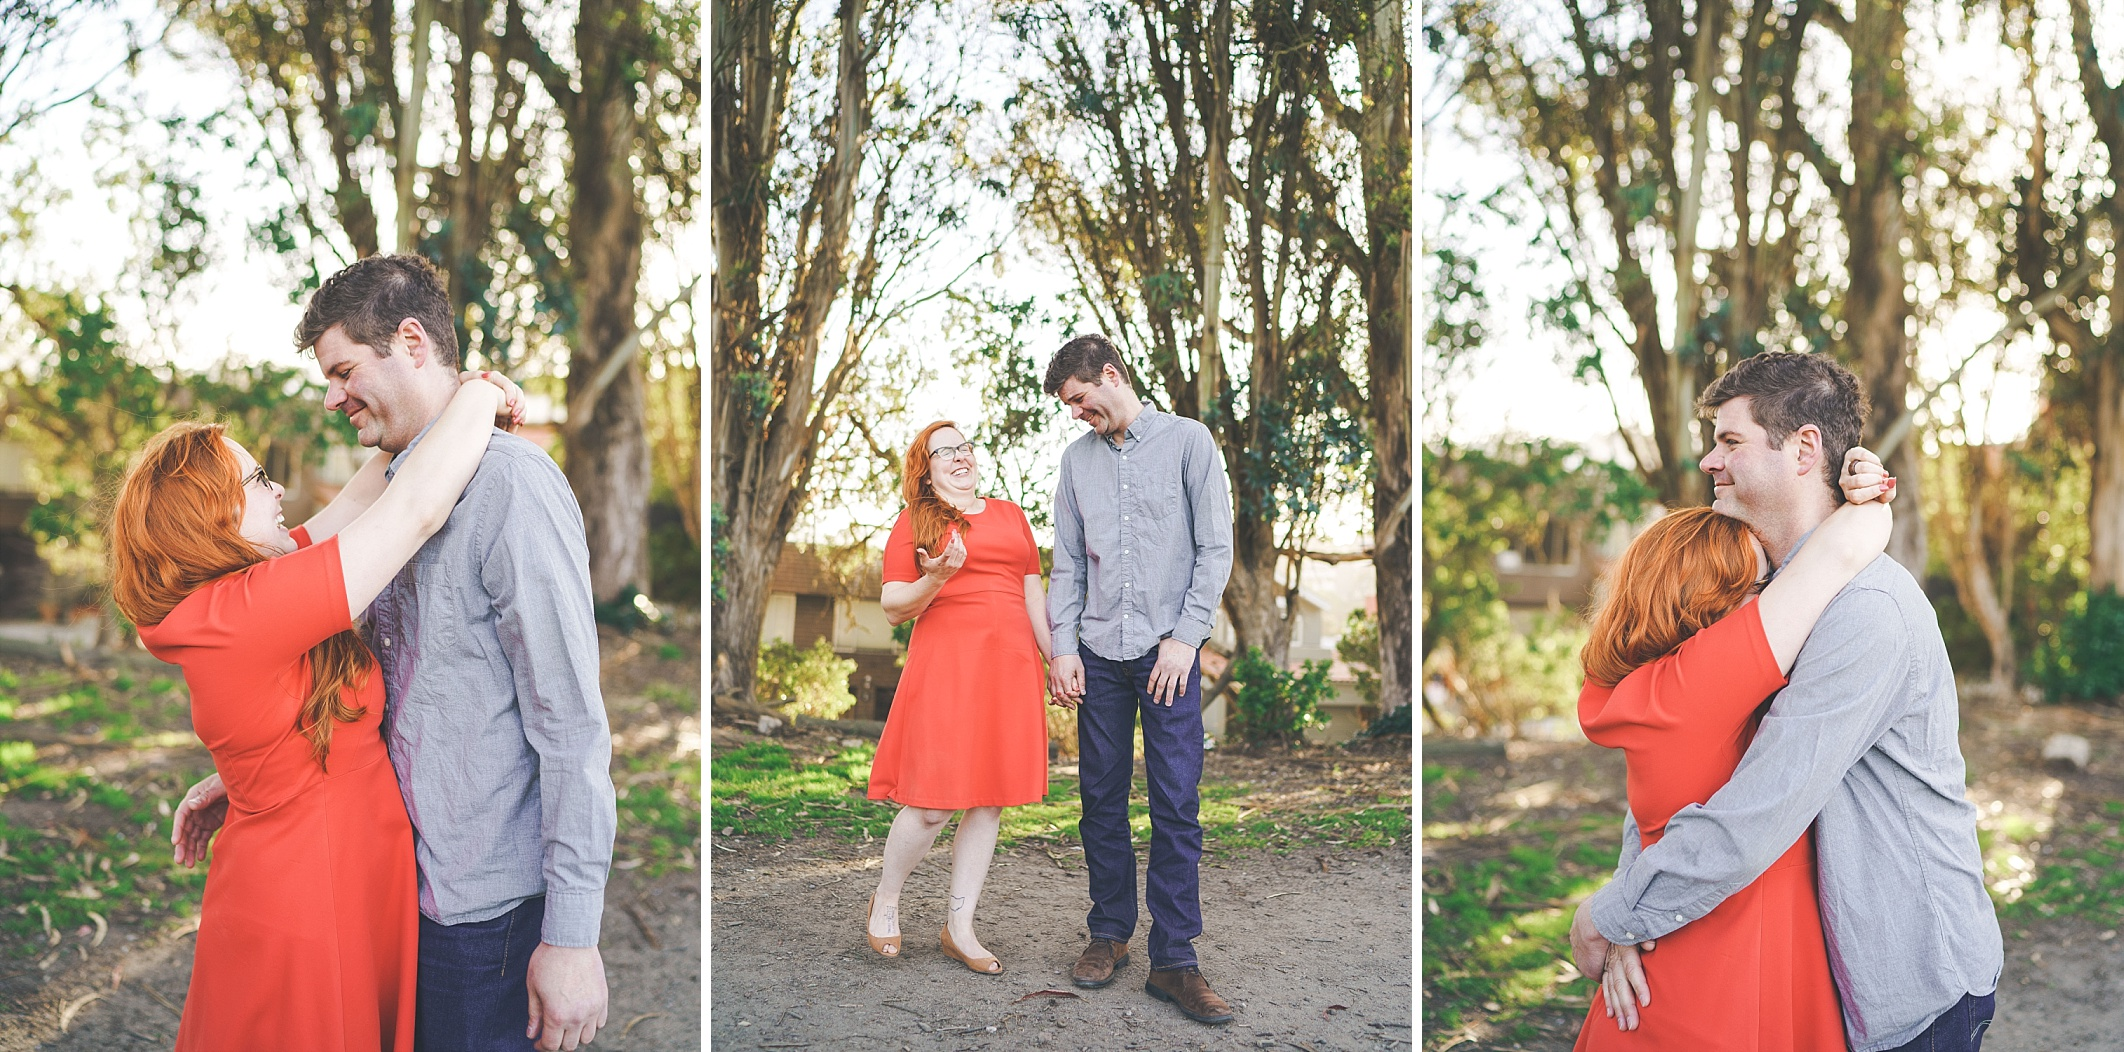 sanfrancisco-engagement-wedding-photographer-dayton-ohio_0387.jpg